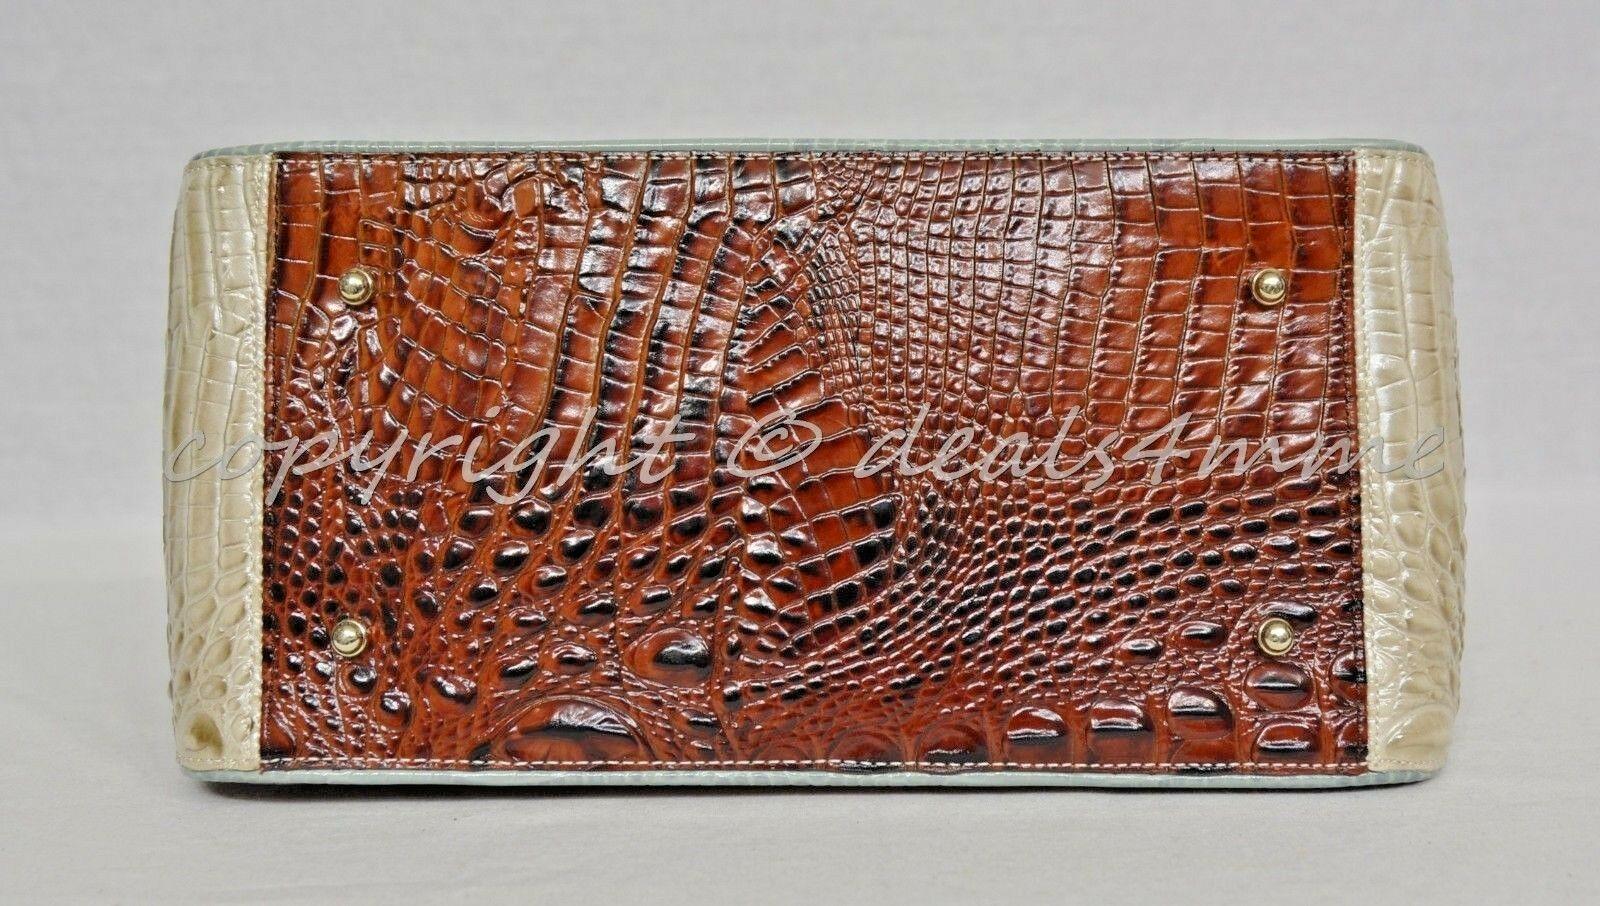 NWT Brahmin Hudson Satchel/Shoulder Bag in Linen Tri-Texture Beige, Pecan & Teal image 3